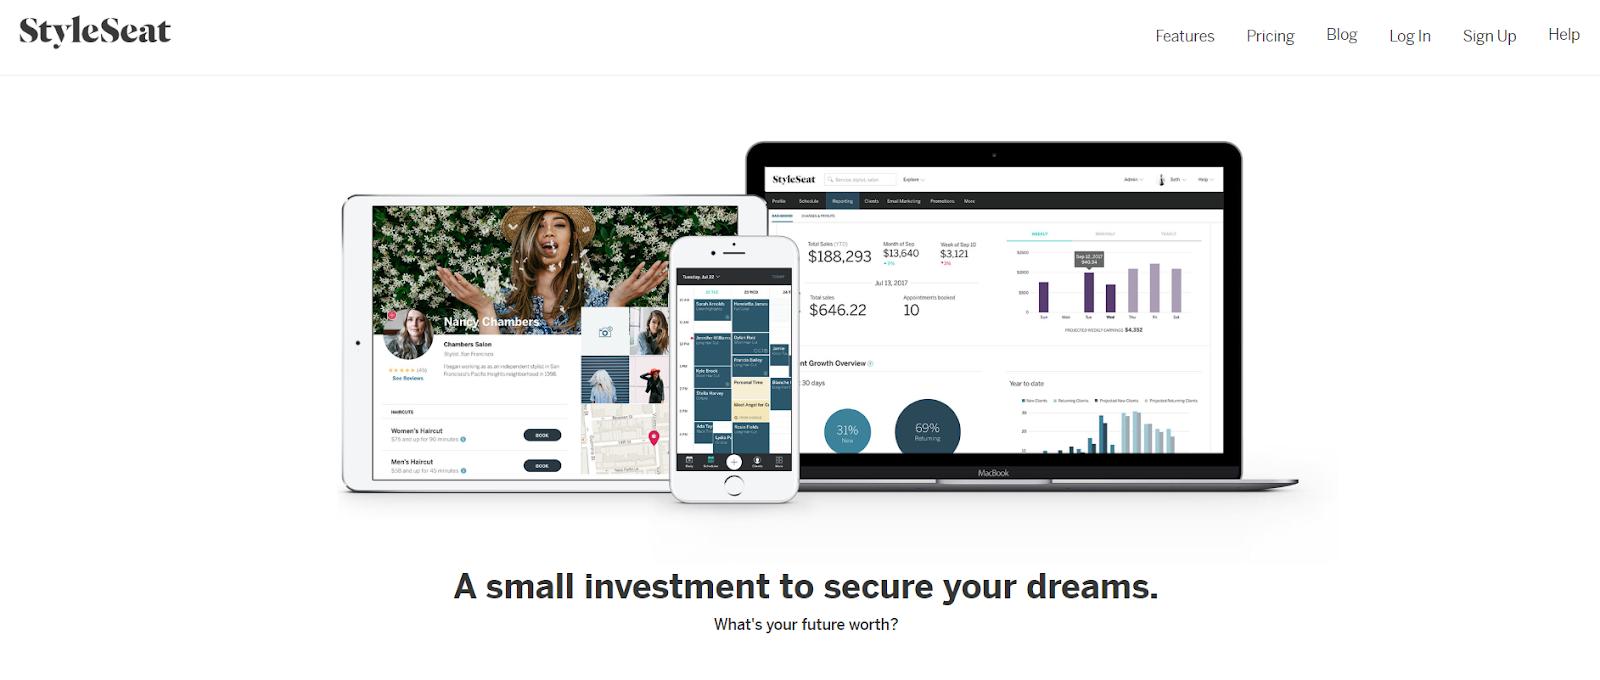 La página web para configurar su cuenta de StyleSeat